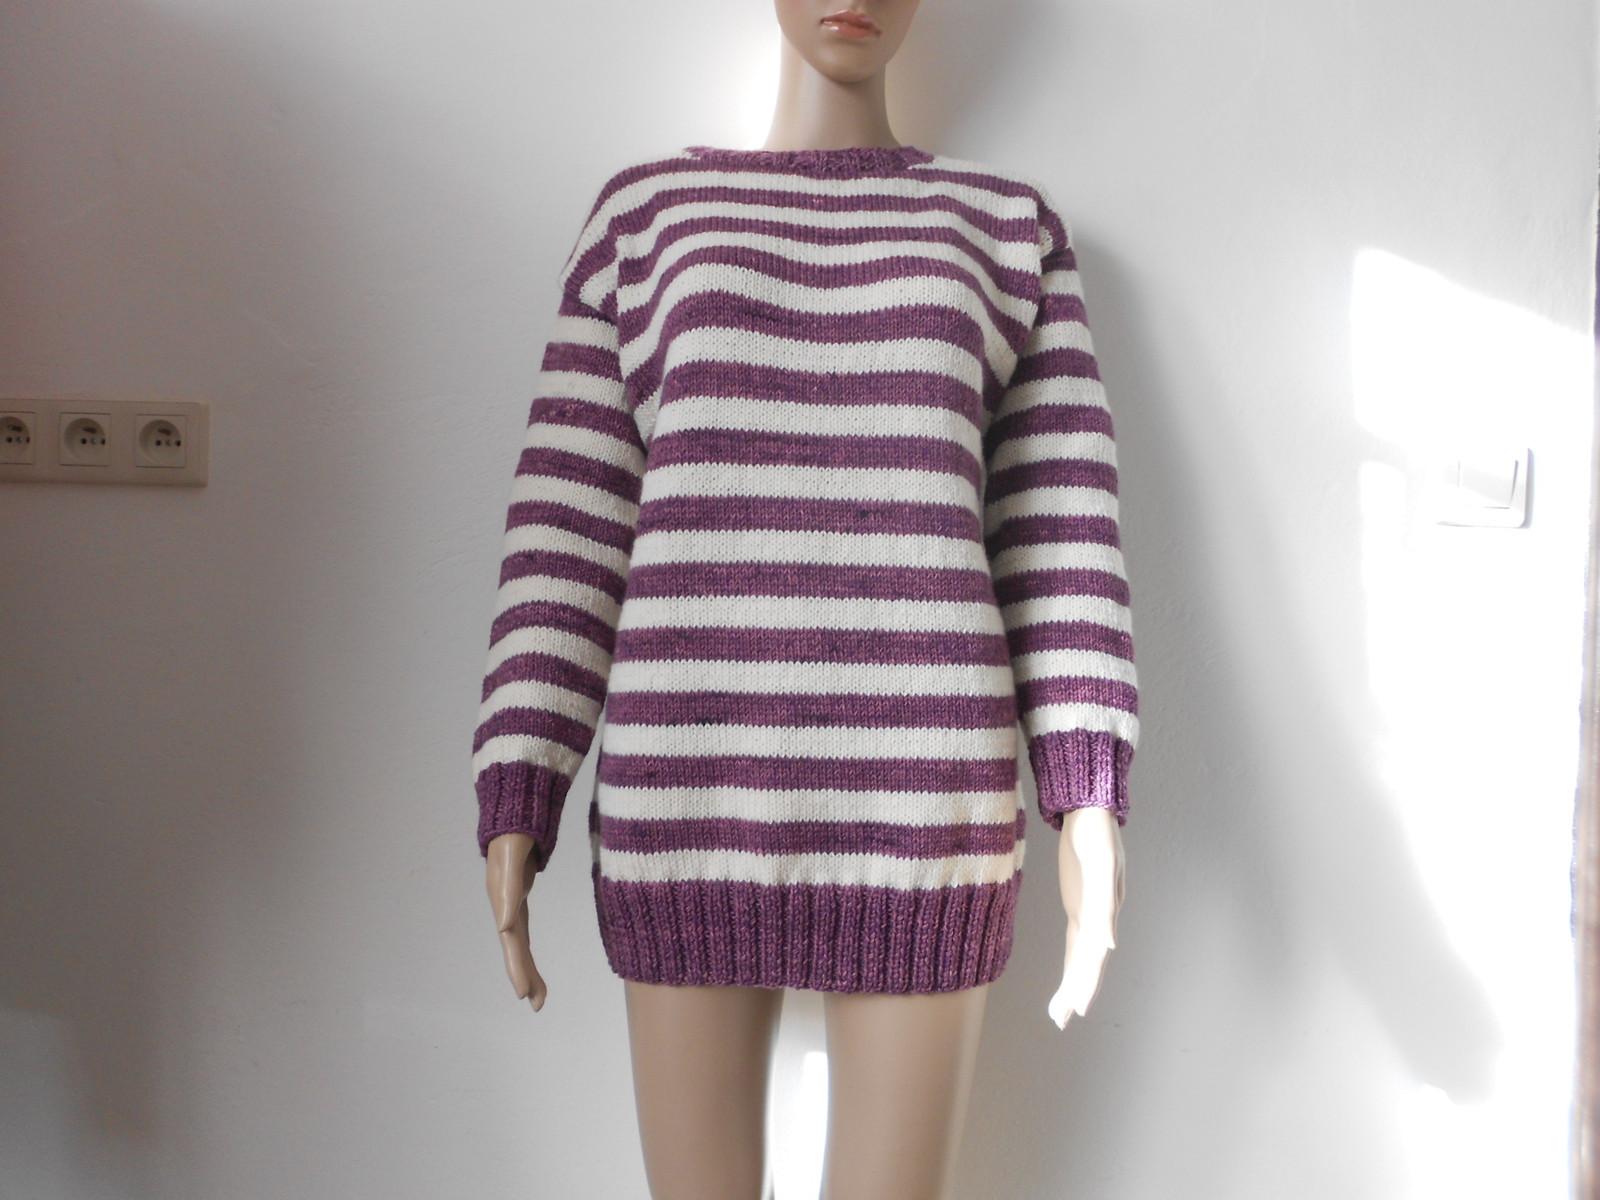 Dámský ručně pletený svetr MERINO   Zboží prodejce mi-pi  3c4c2406ba